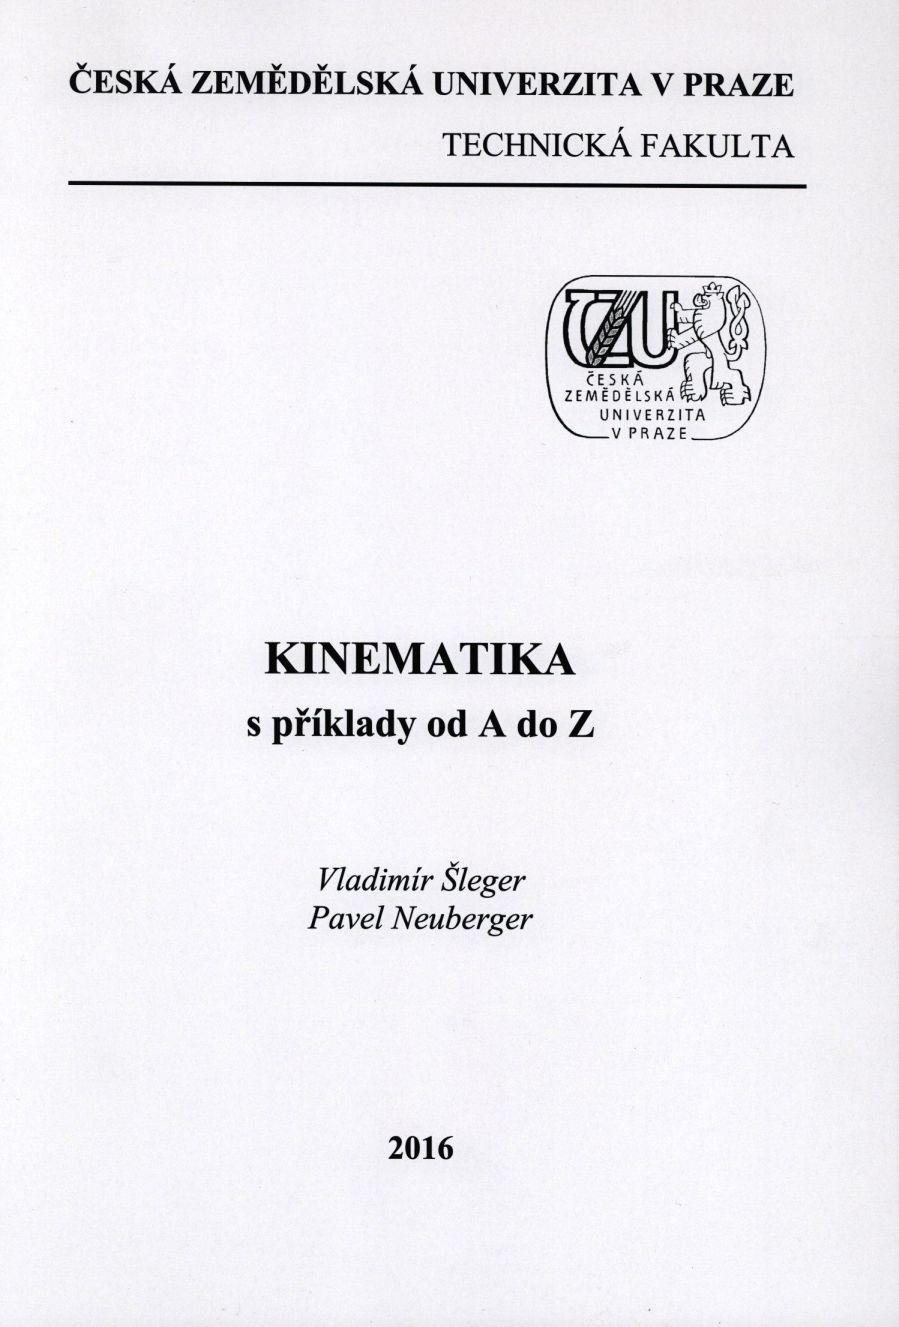 Kinematika s příklady od A do Z